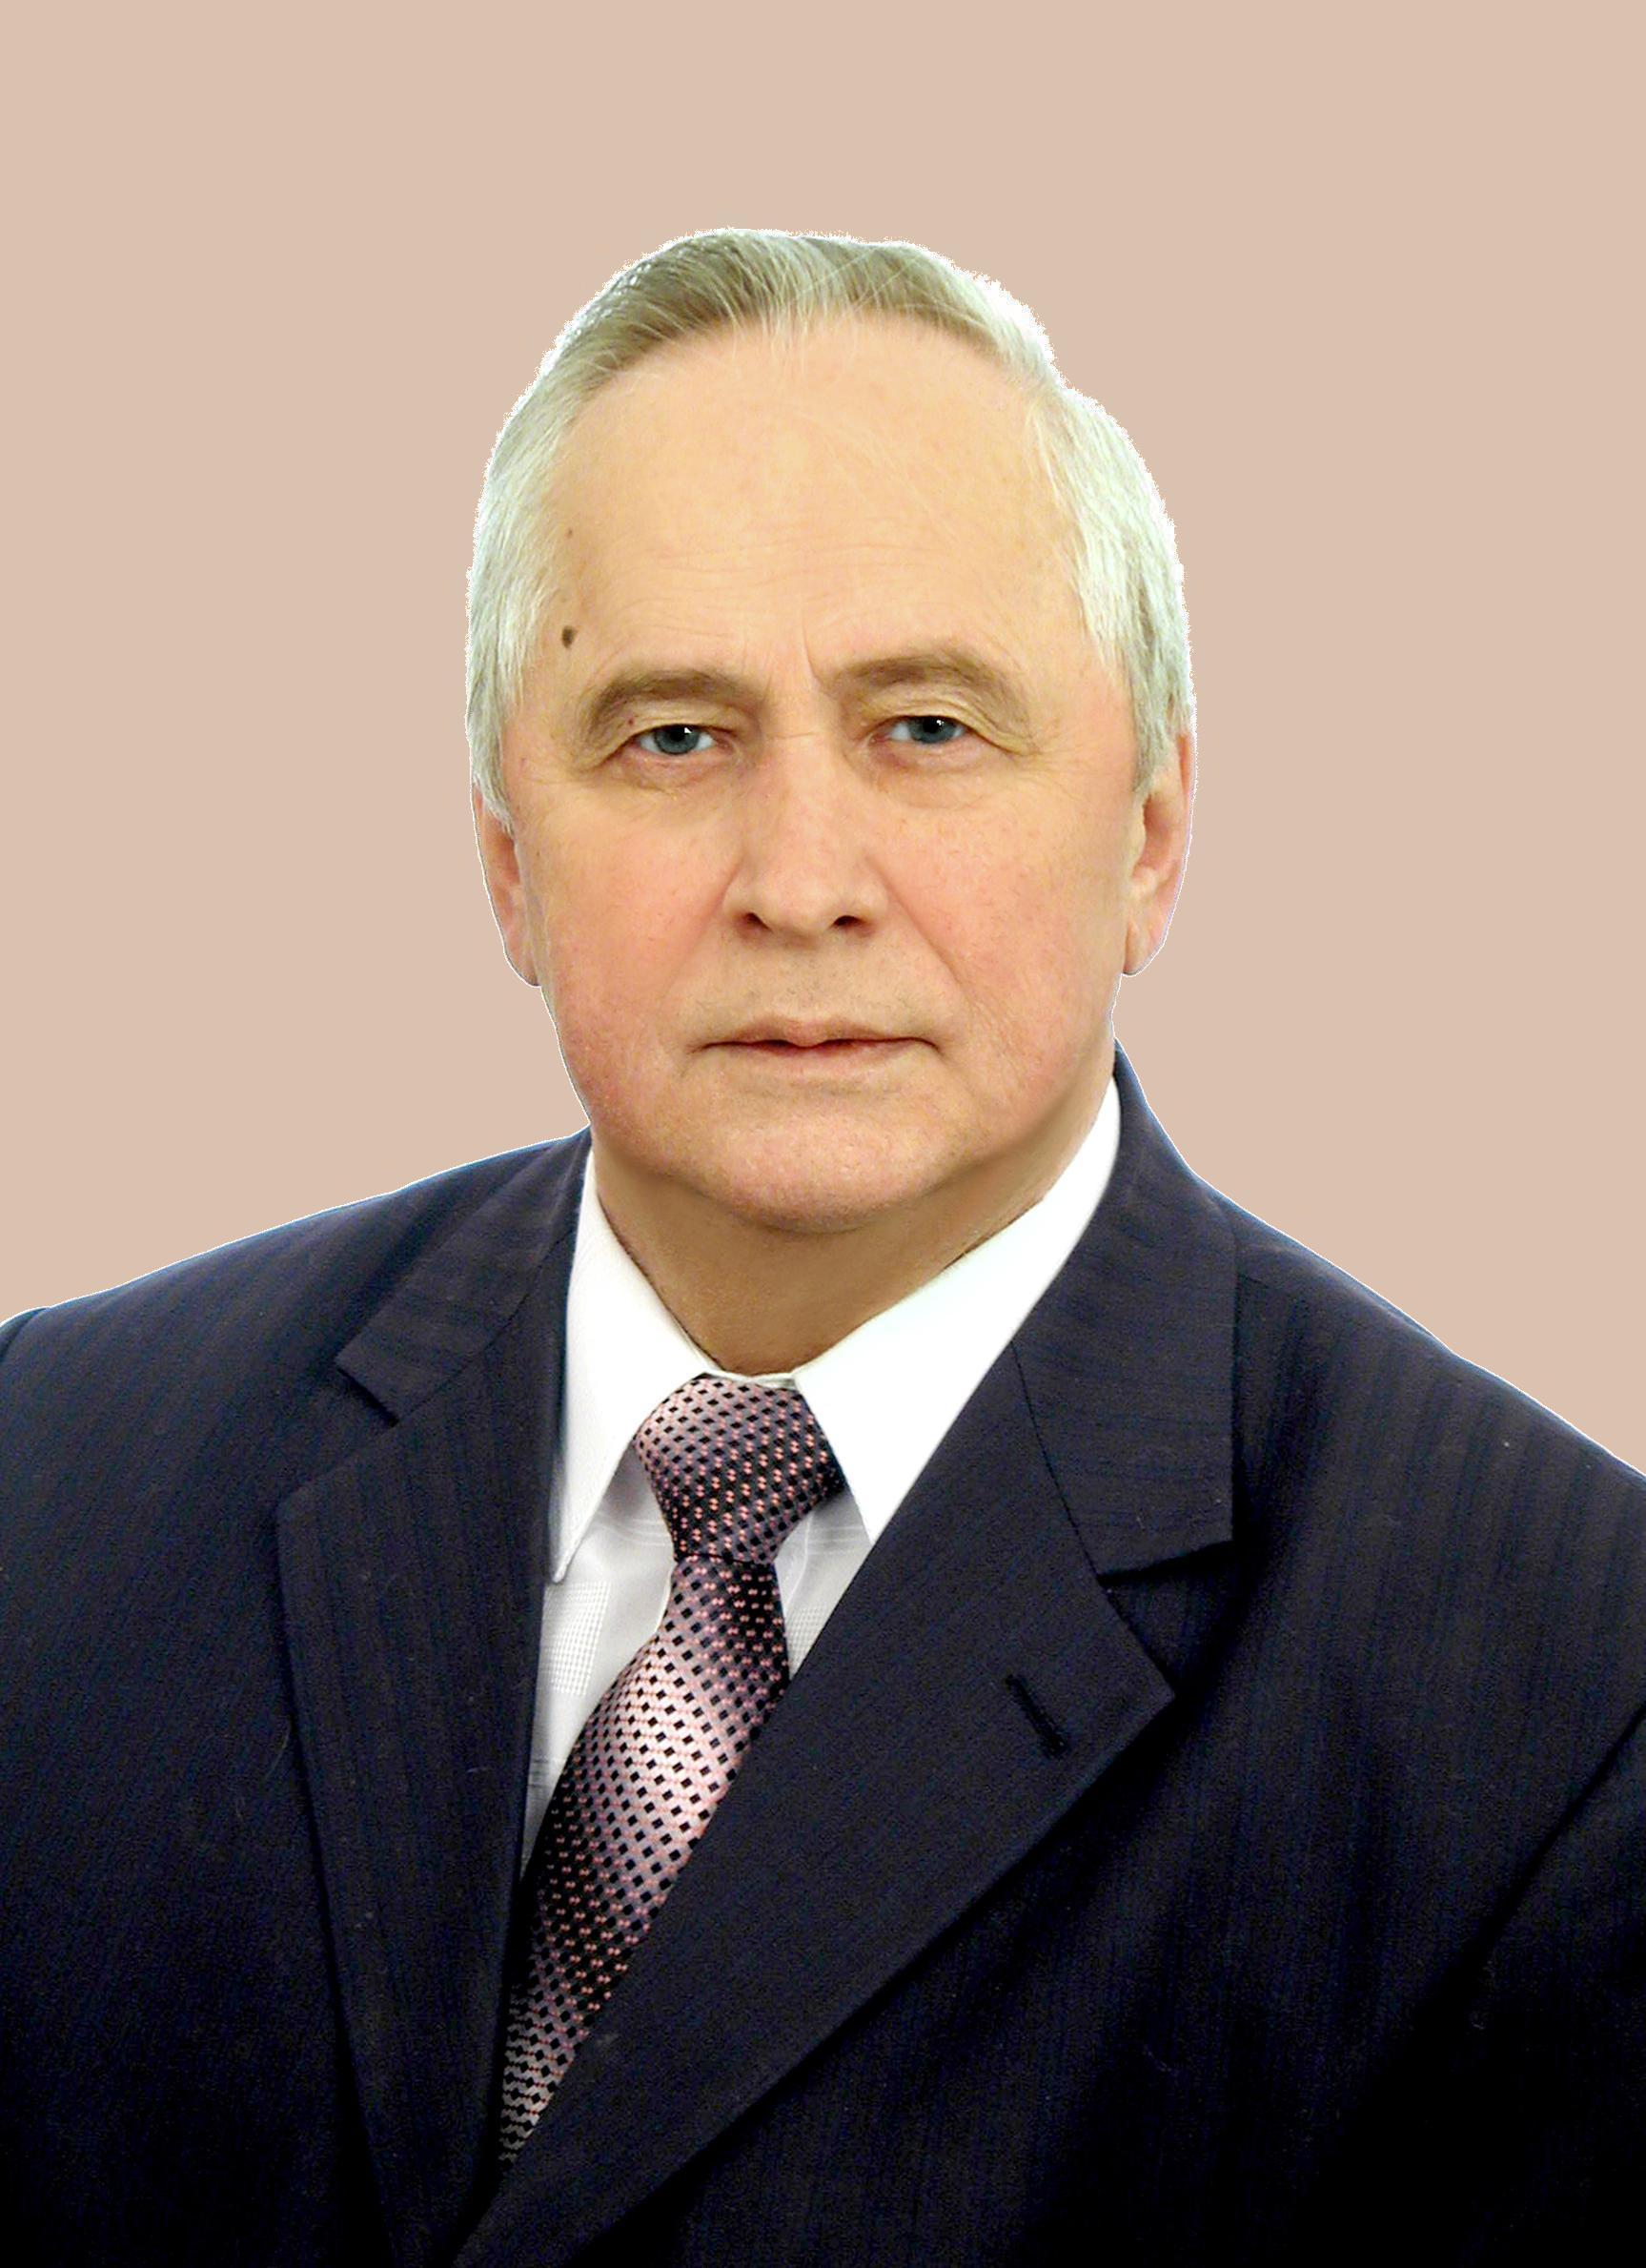 Фото автора Шамиль Загидуллин Зарифович